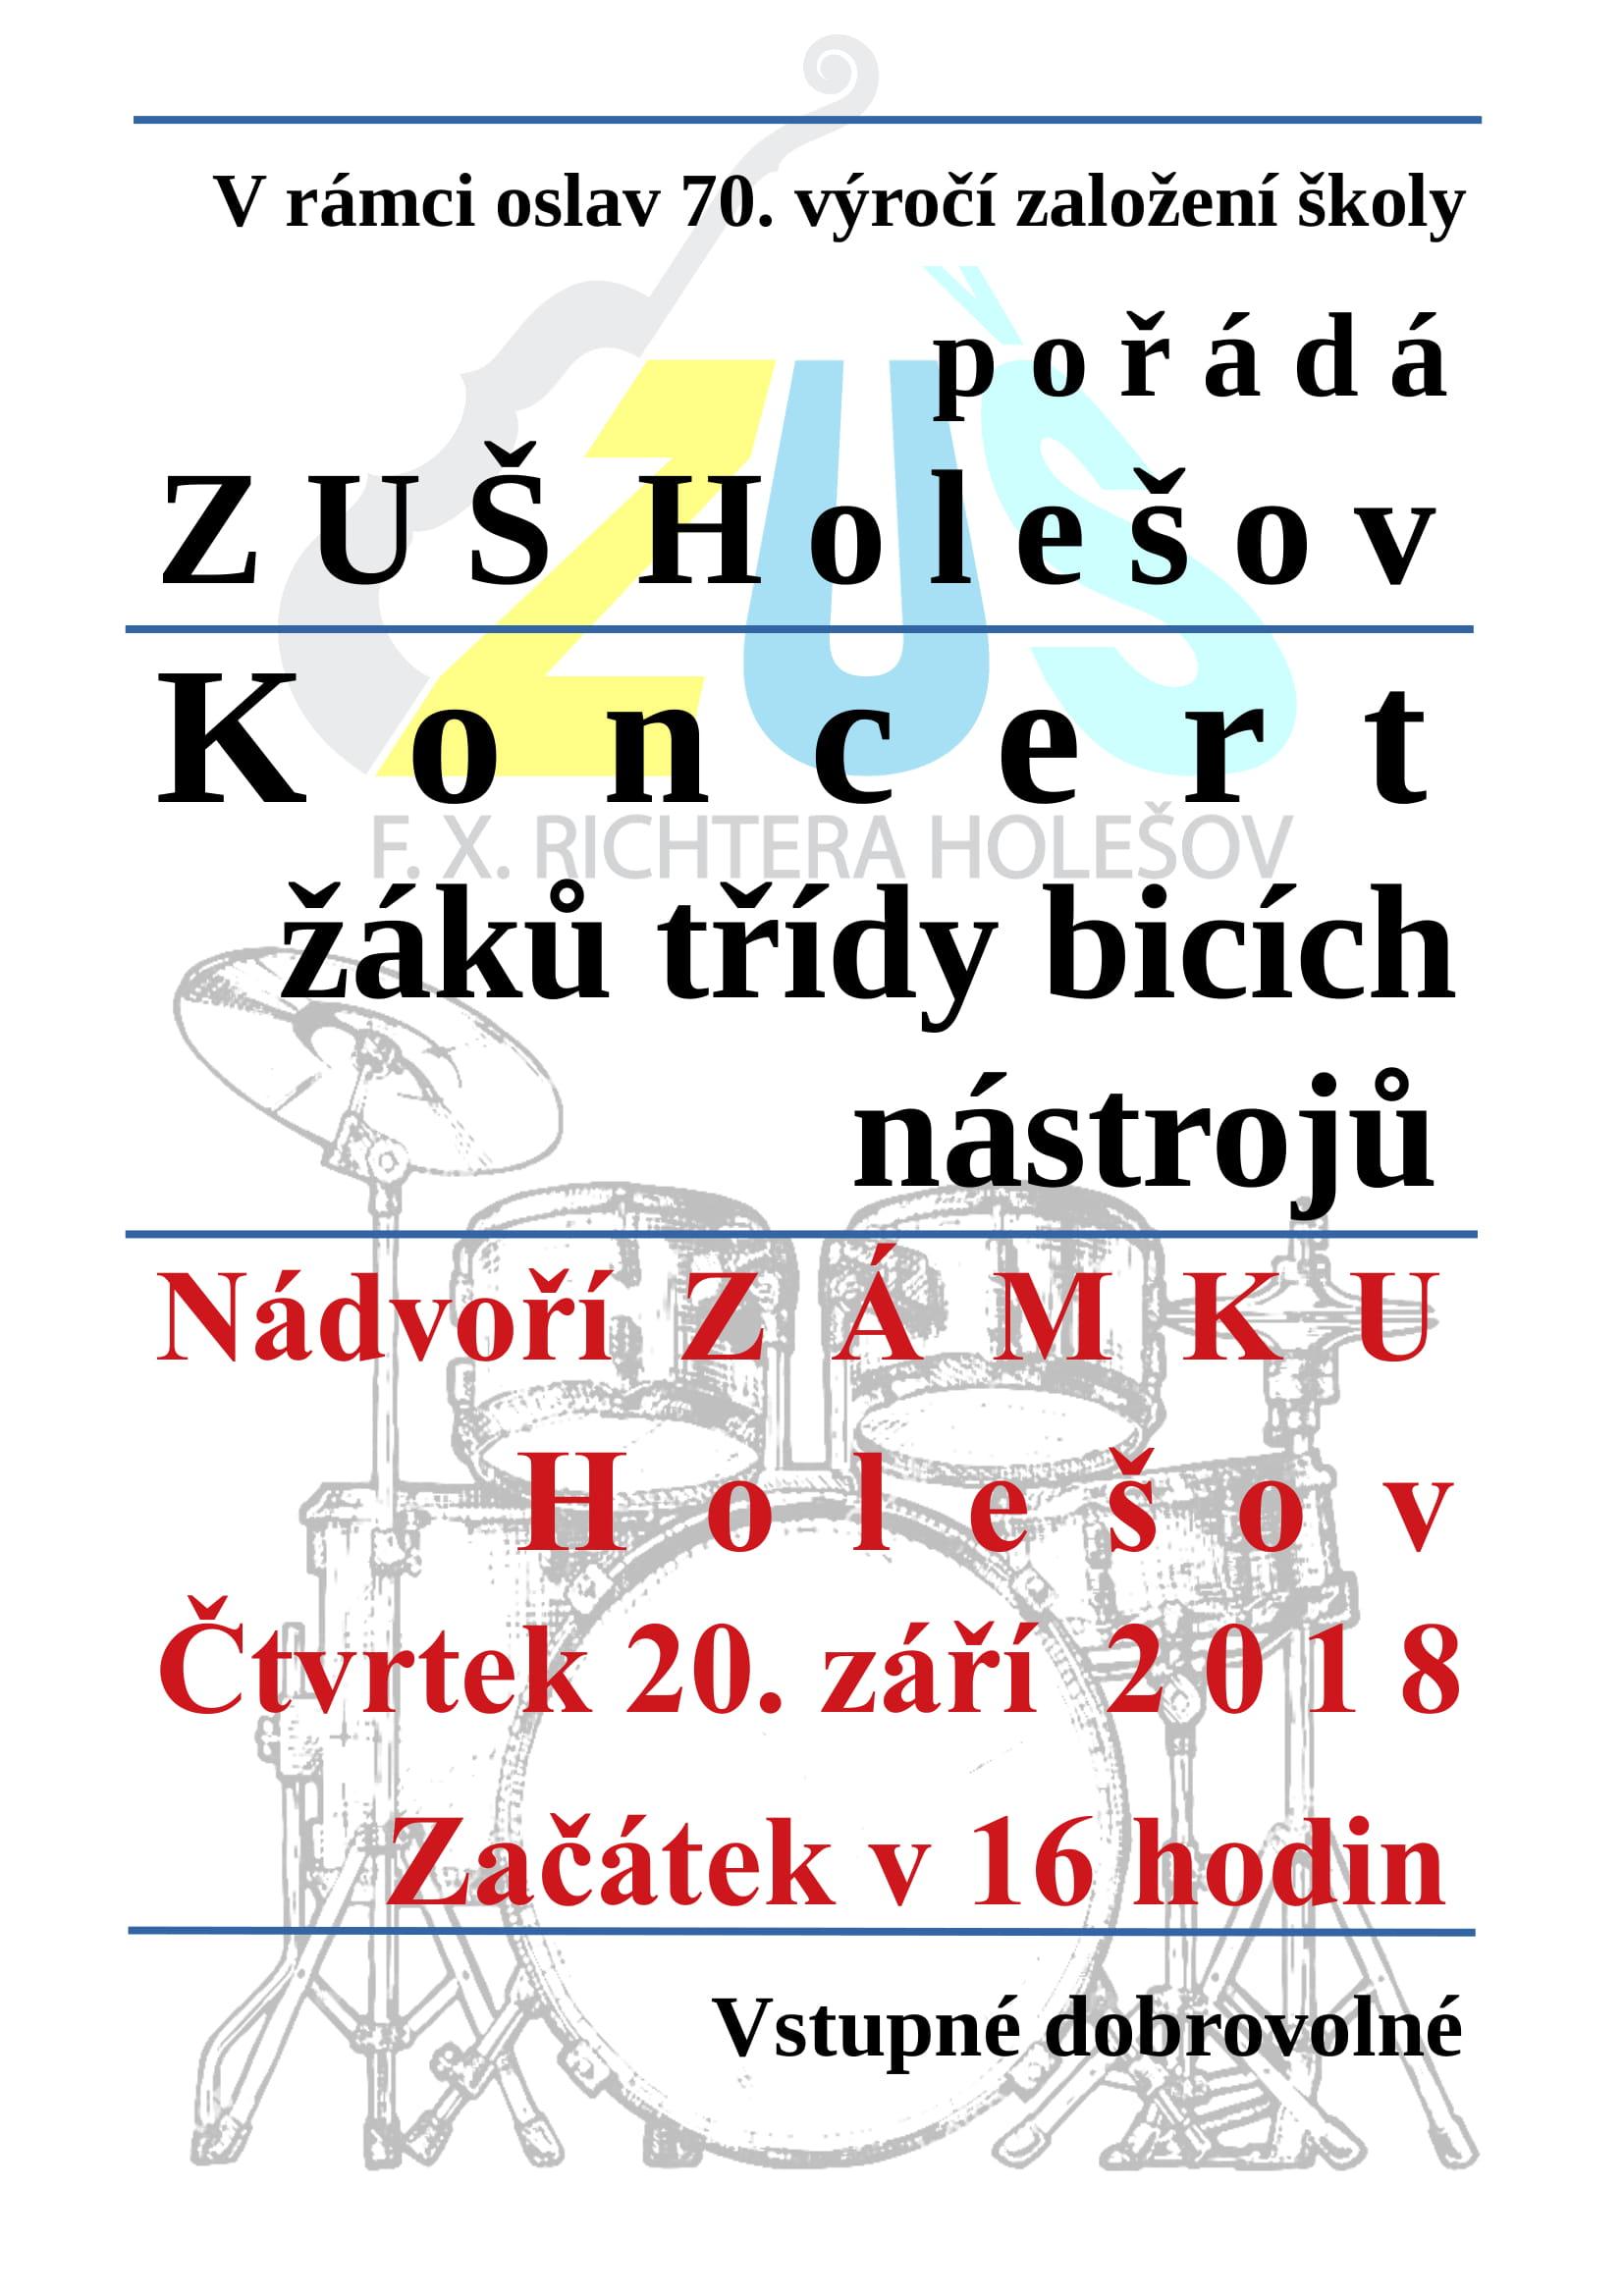 koncert-bici-9-2018-1.jpg